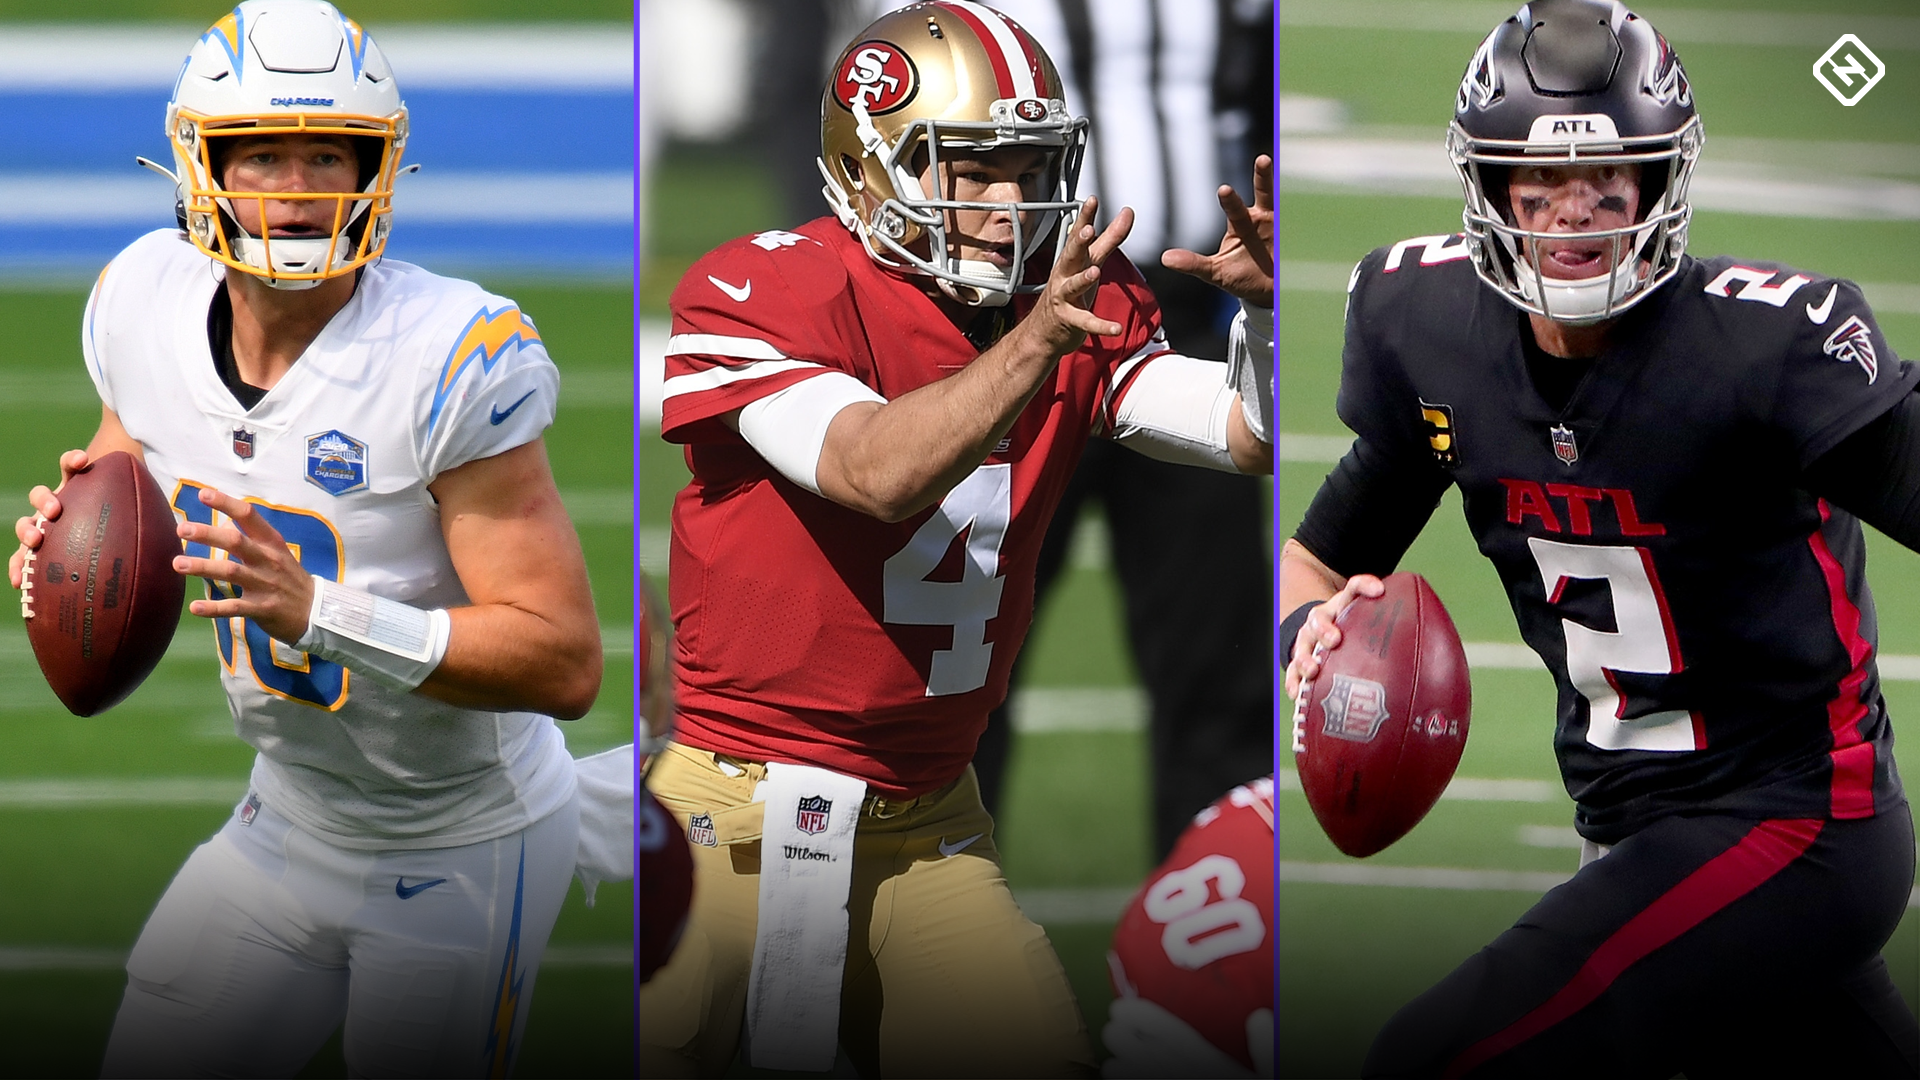 NFL Week 3 Betting Guide: Spread, moneyline, over/under picks 1